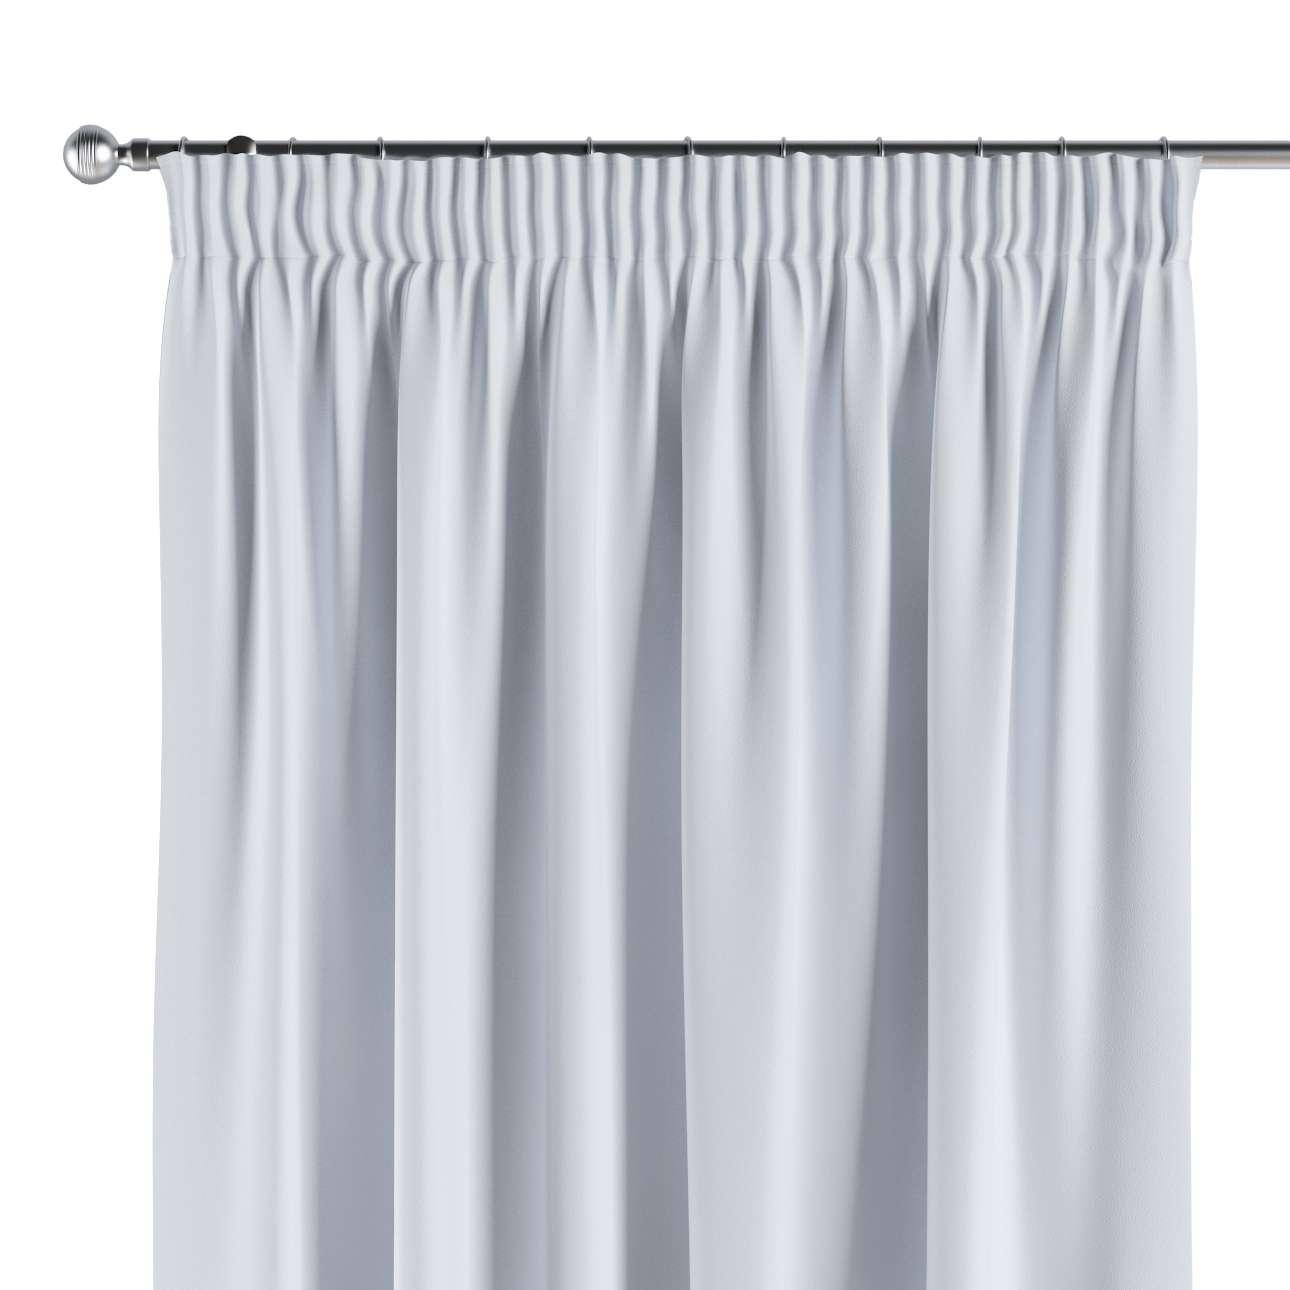 gardiner mørklægning Gardin mørklægning med rynkebånd 1 stk., Grå hvid   Dekoria gardiner mørklægning